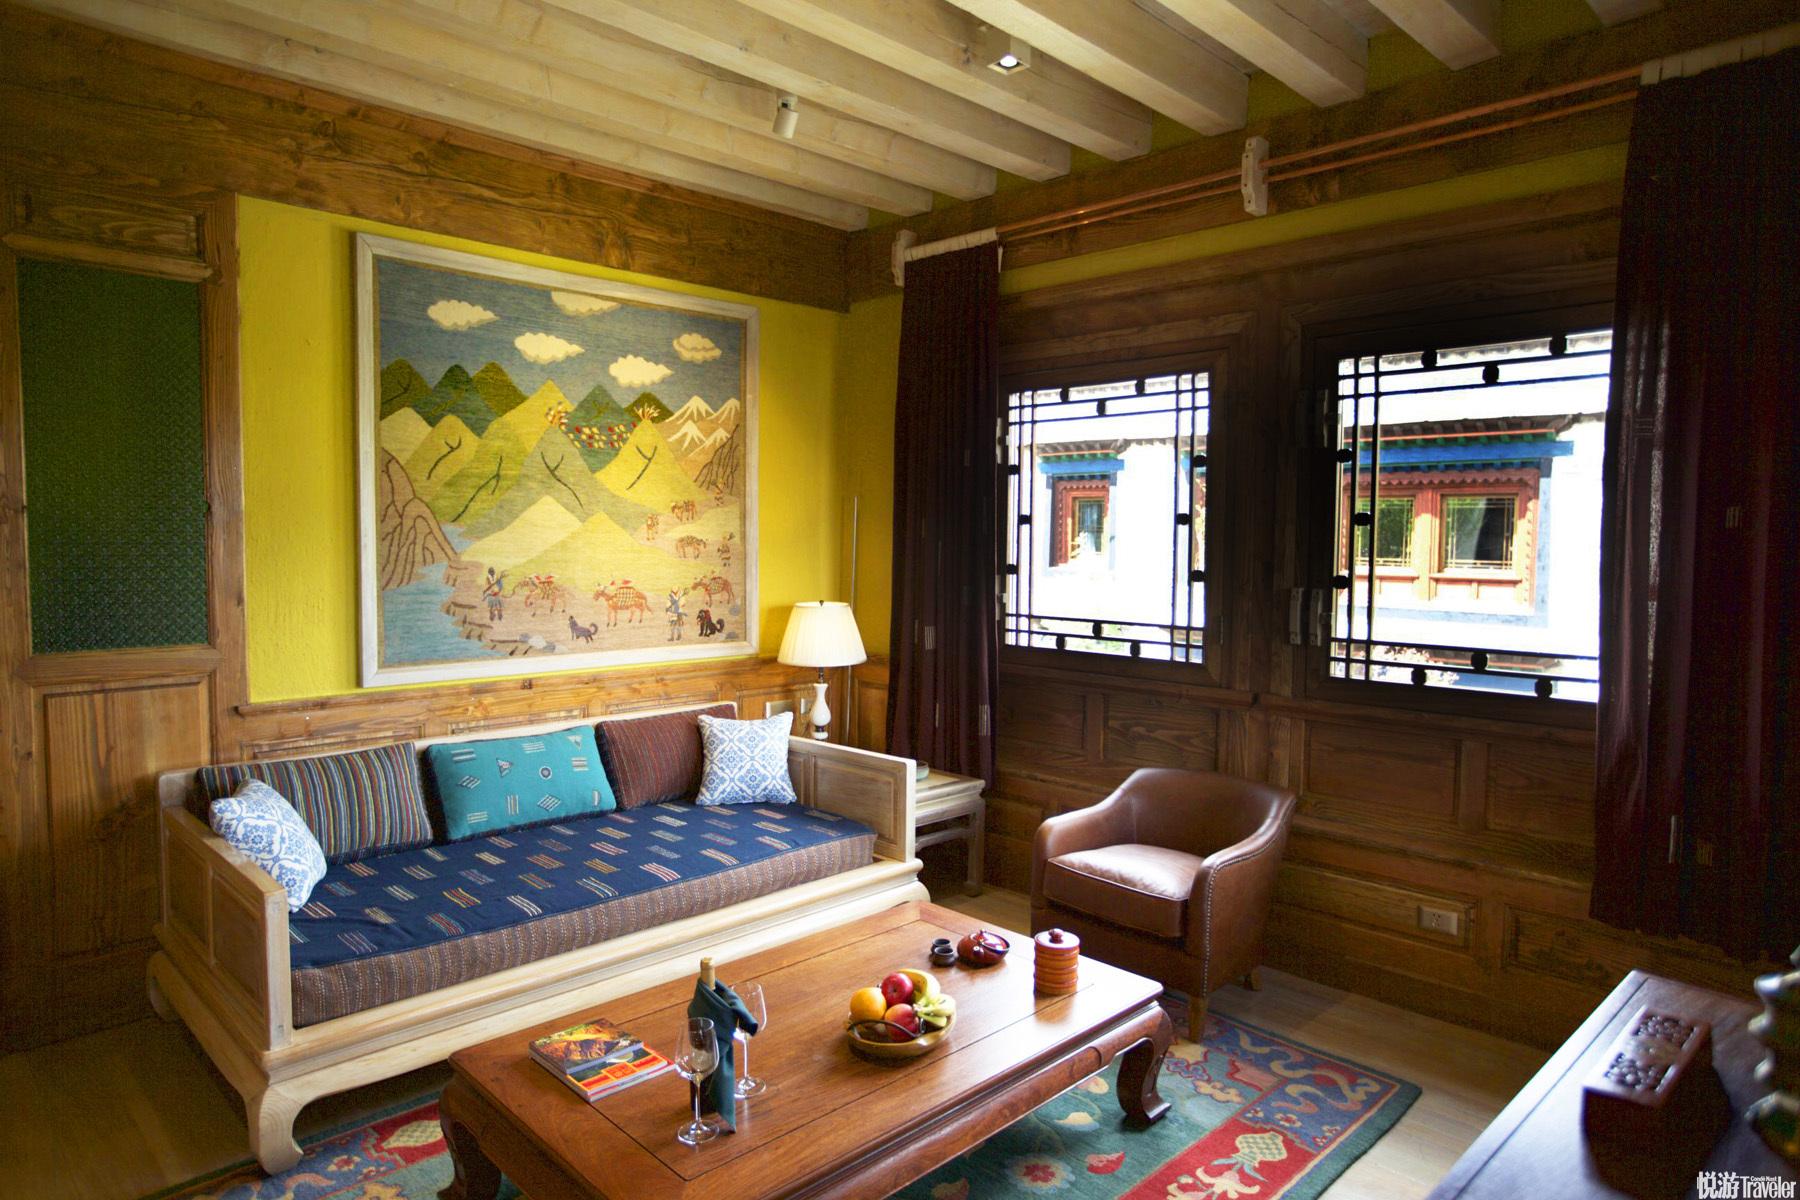 室内室外的色彩精心设计,撞色却入目,这是雪域高原的藏族人民千百年来对自然的领悟。